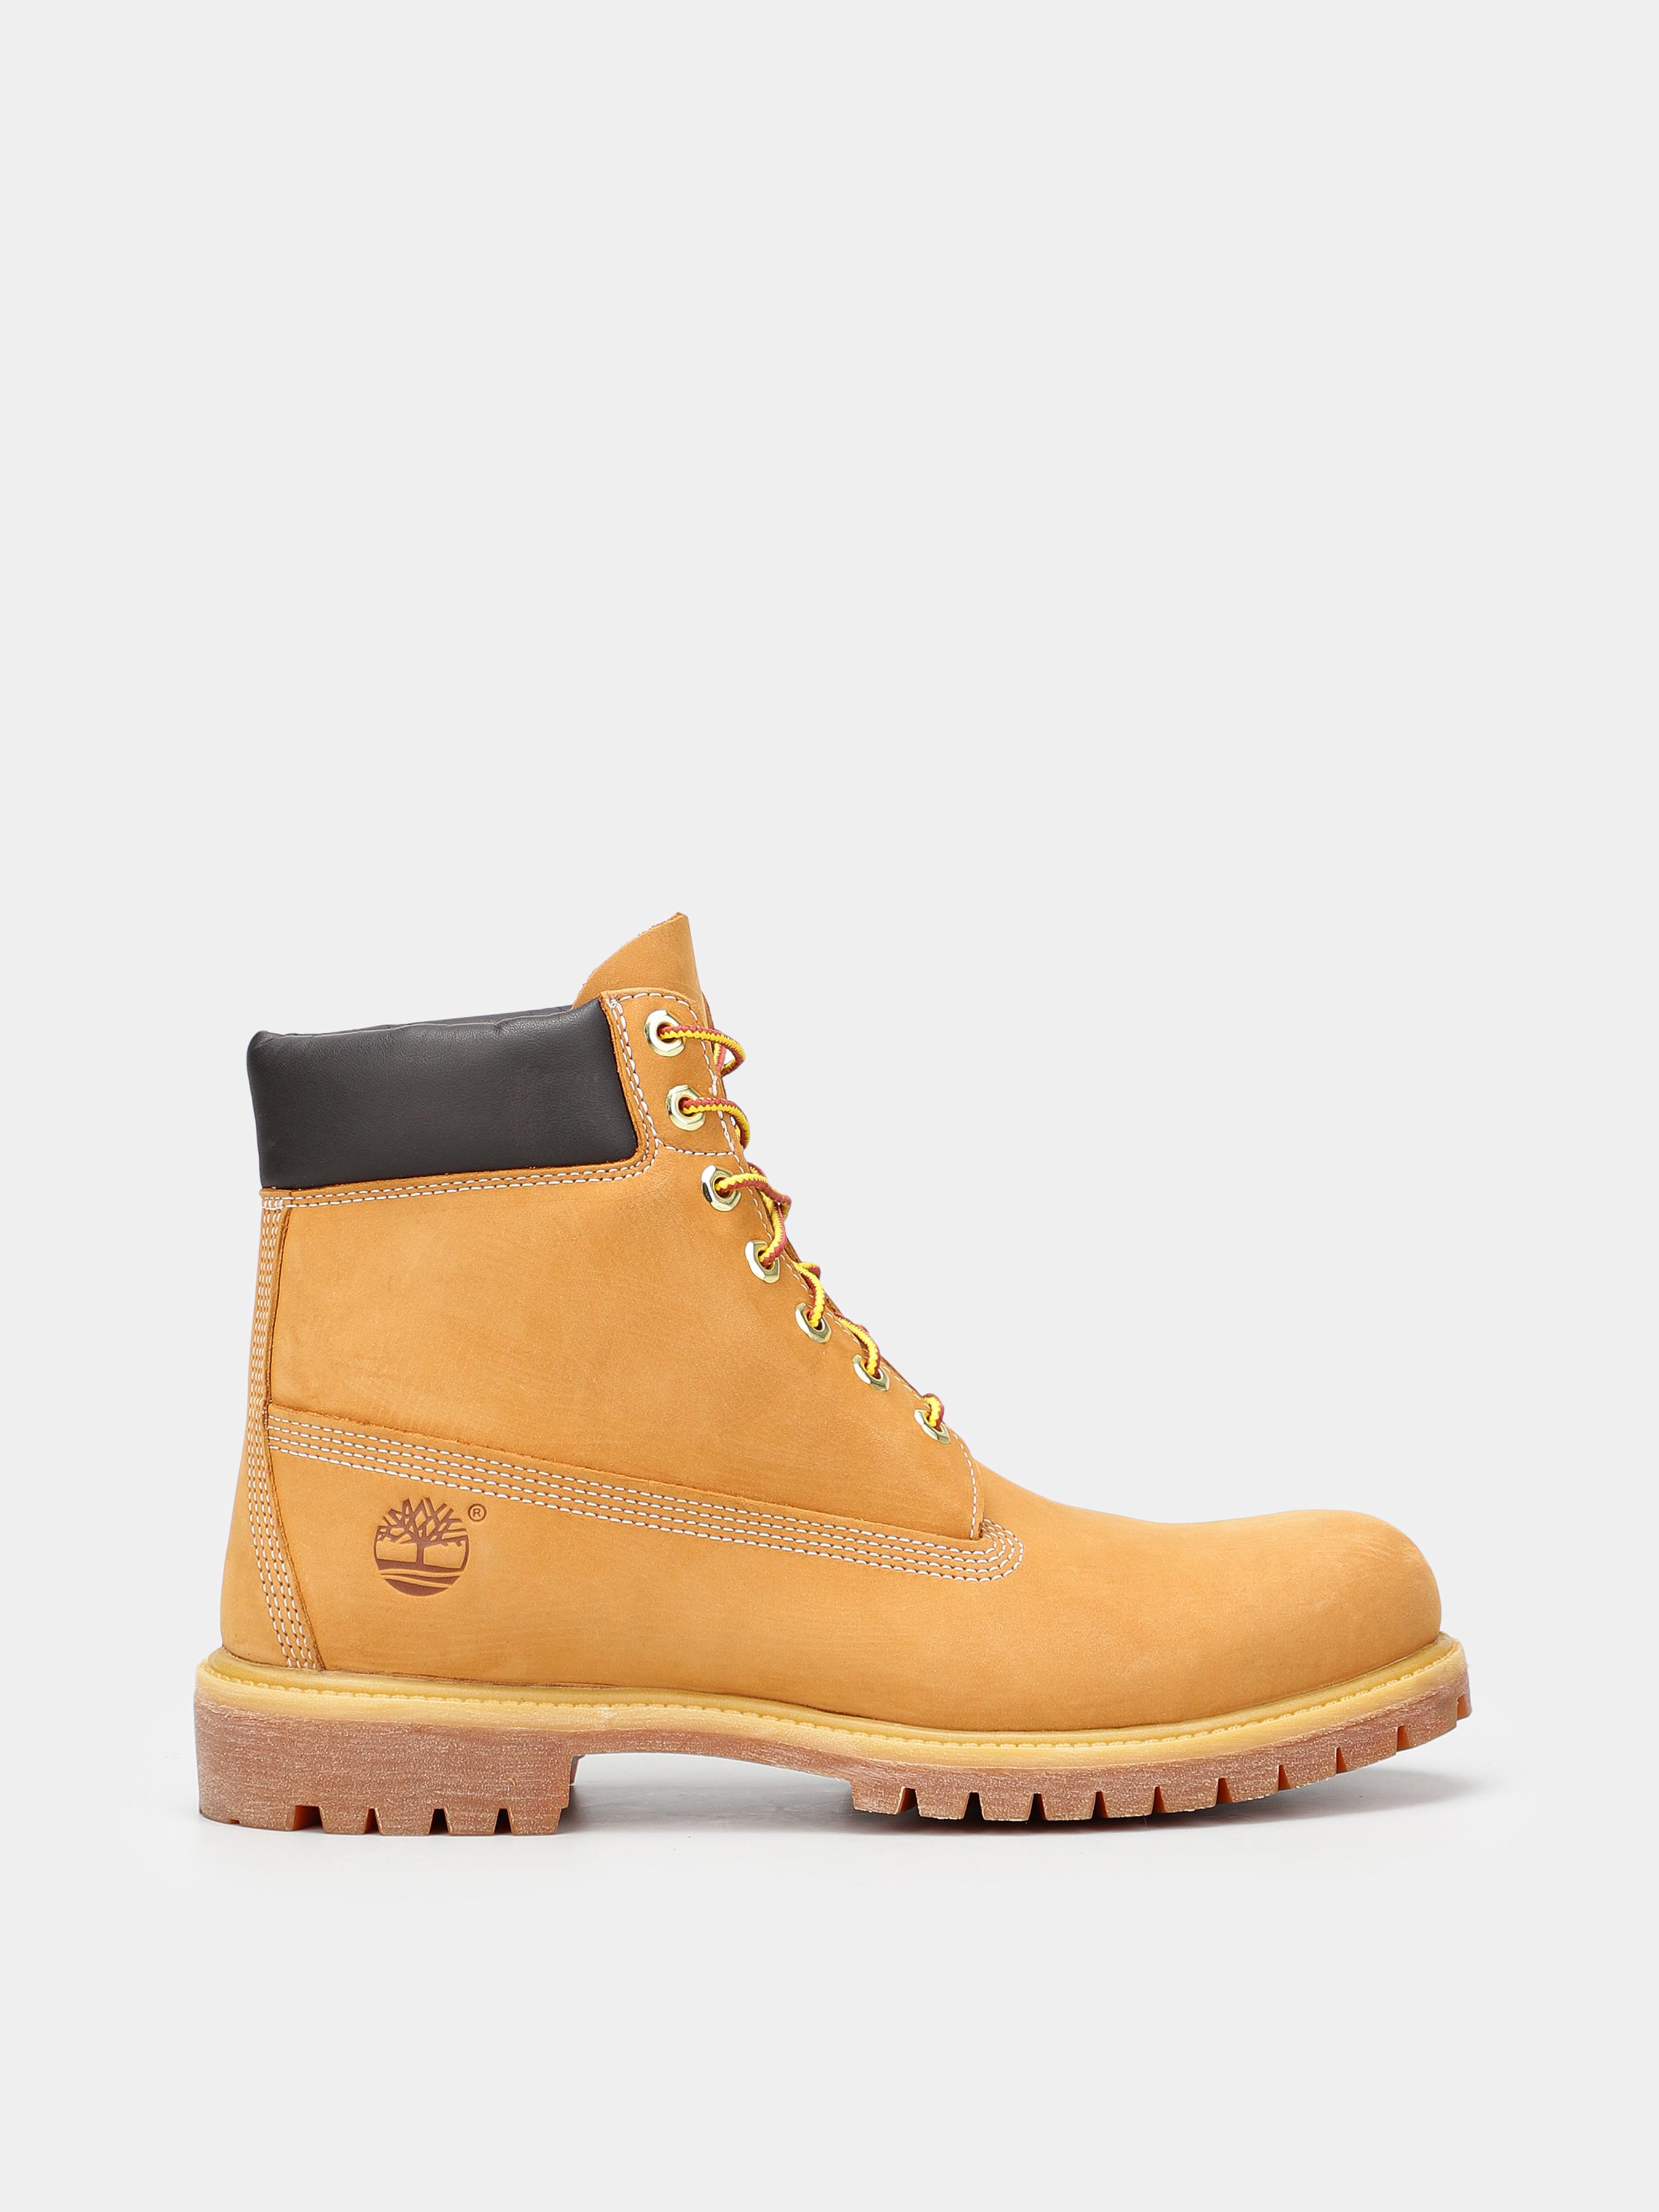 Купить Ботинки мужские Timberland Timberland Premium TF4040, Желтый